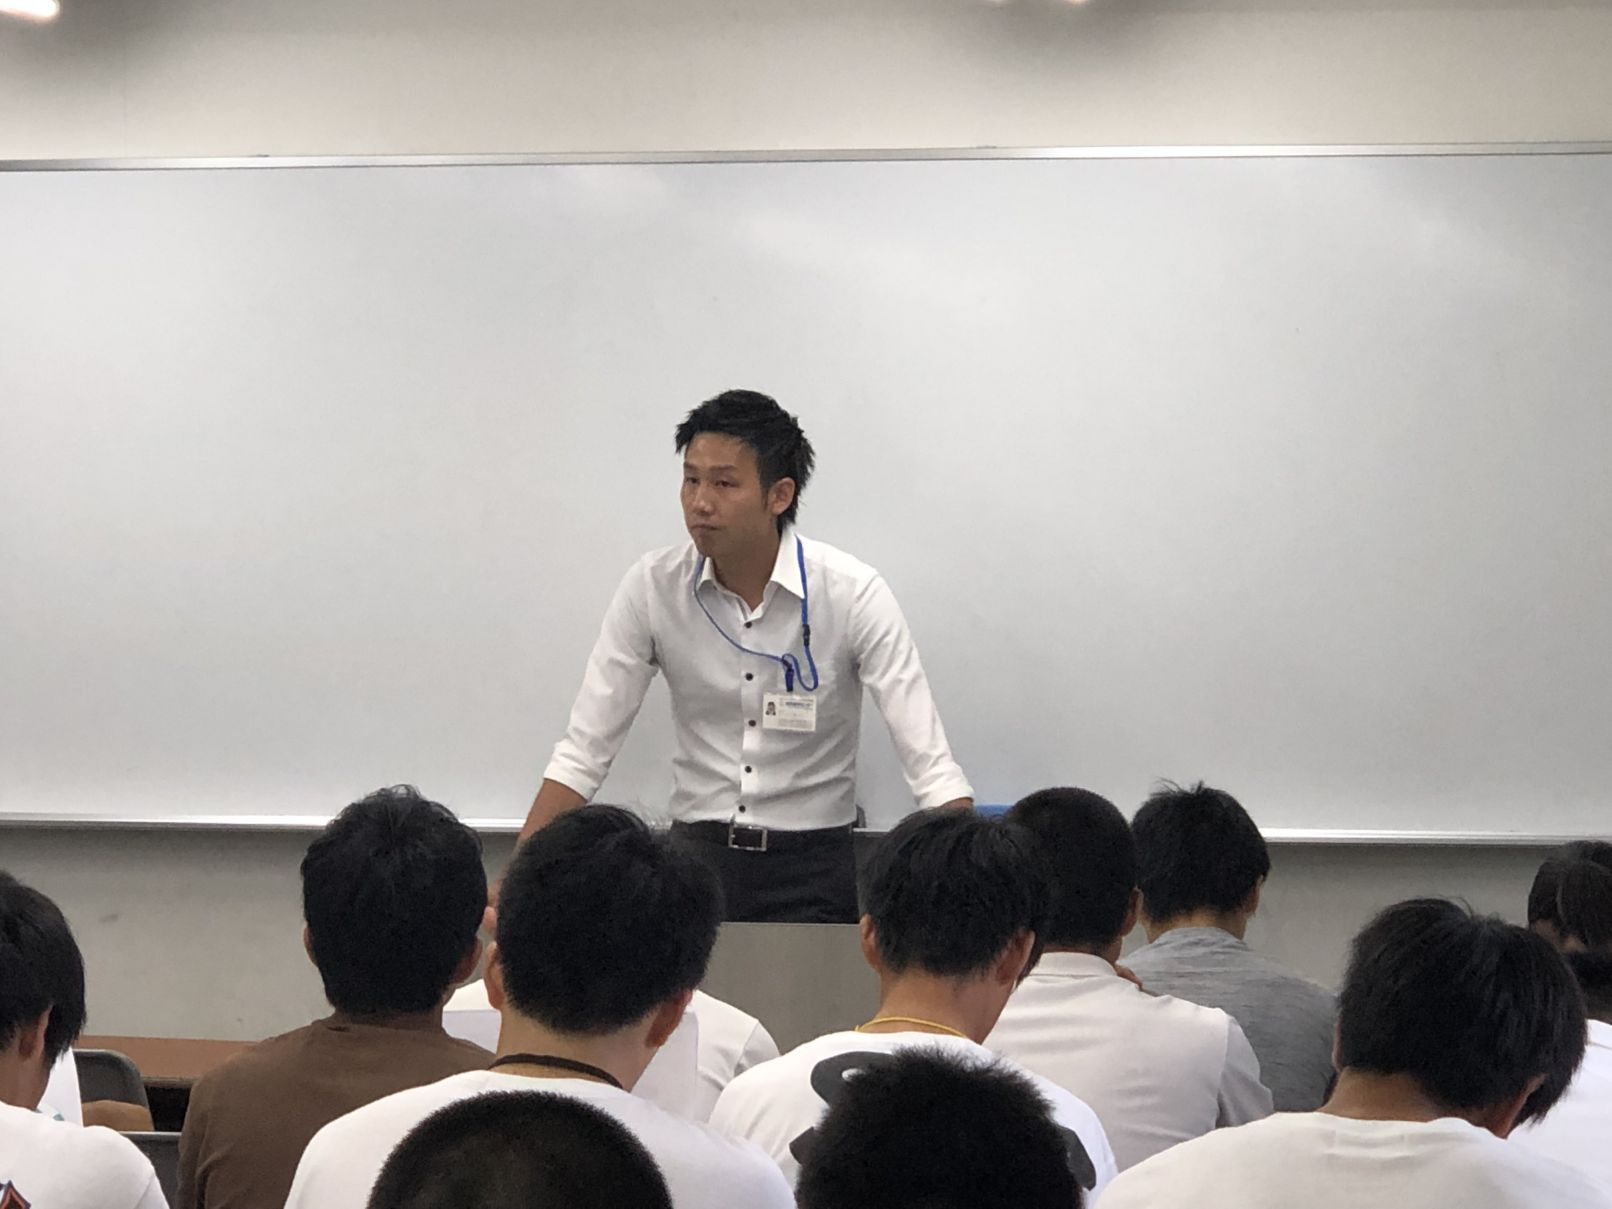 20190729 takayama1.jpg